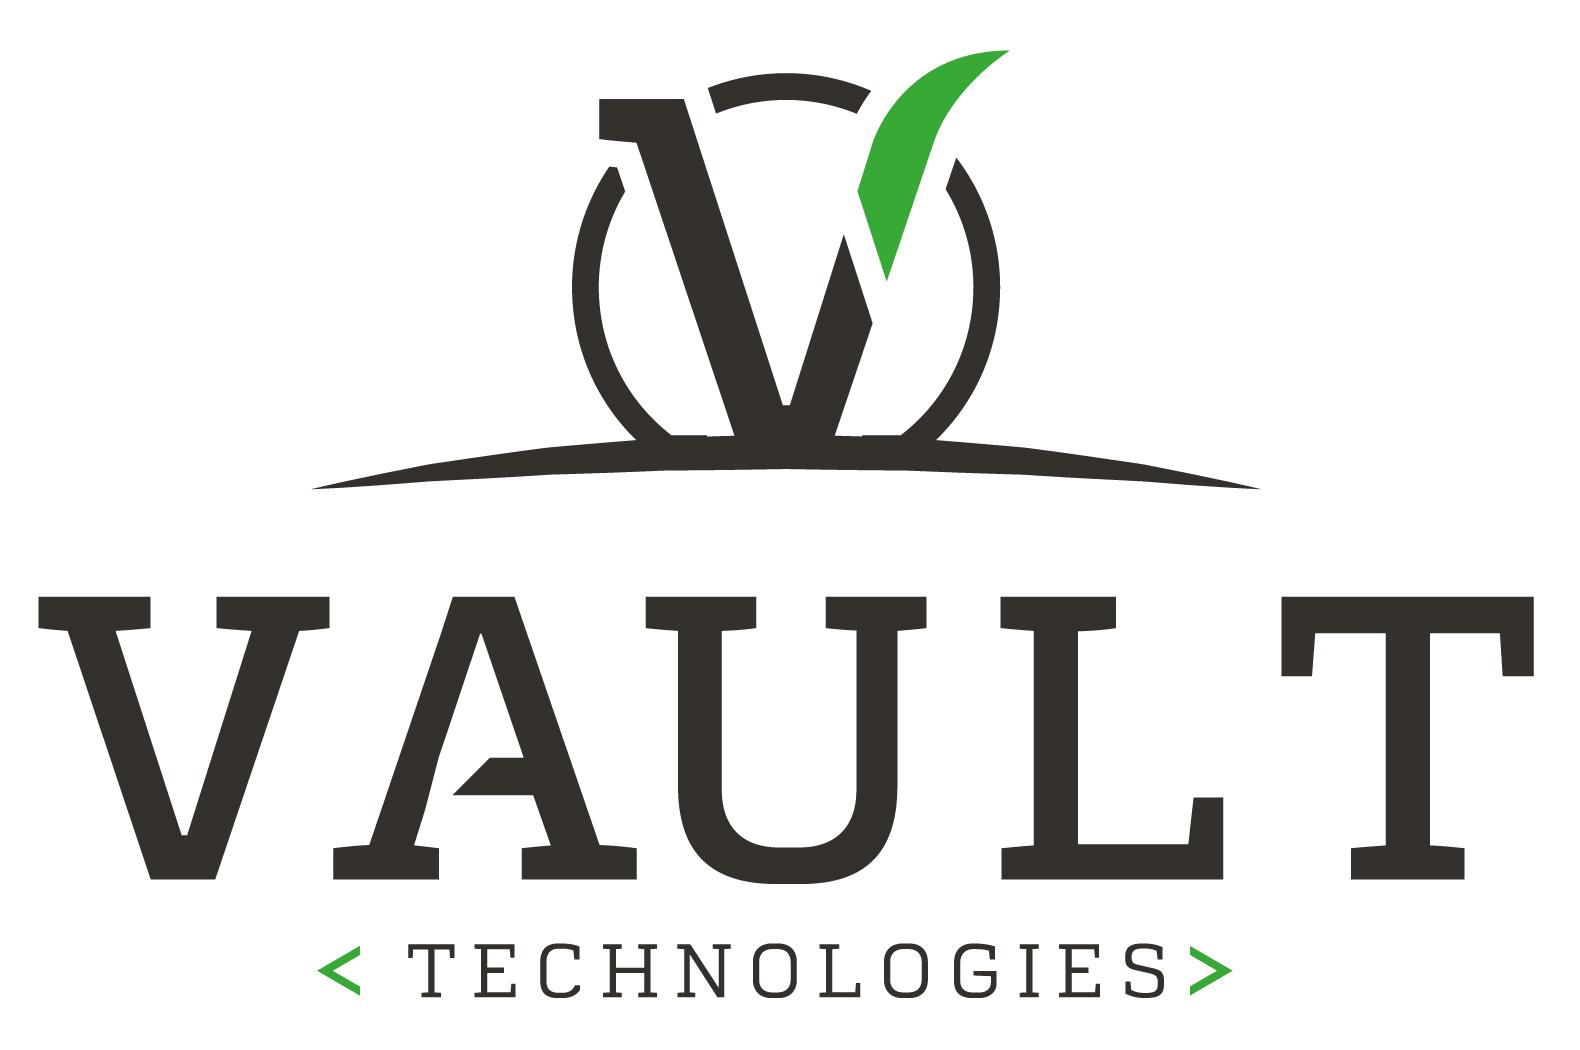 Vault_logo-01.jpg